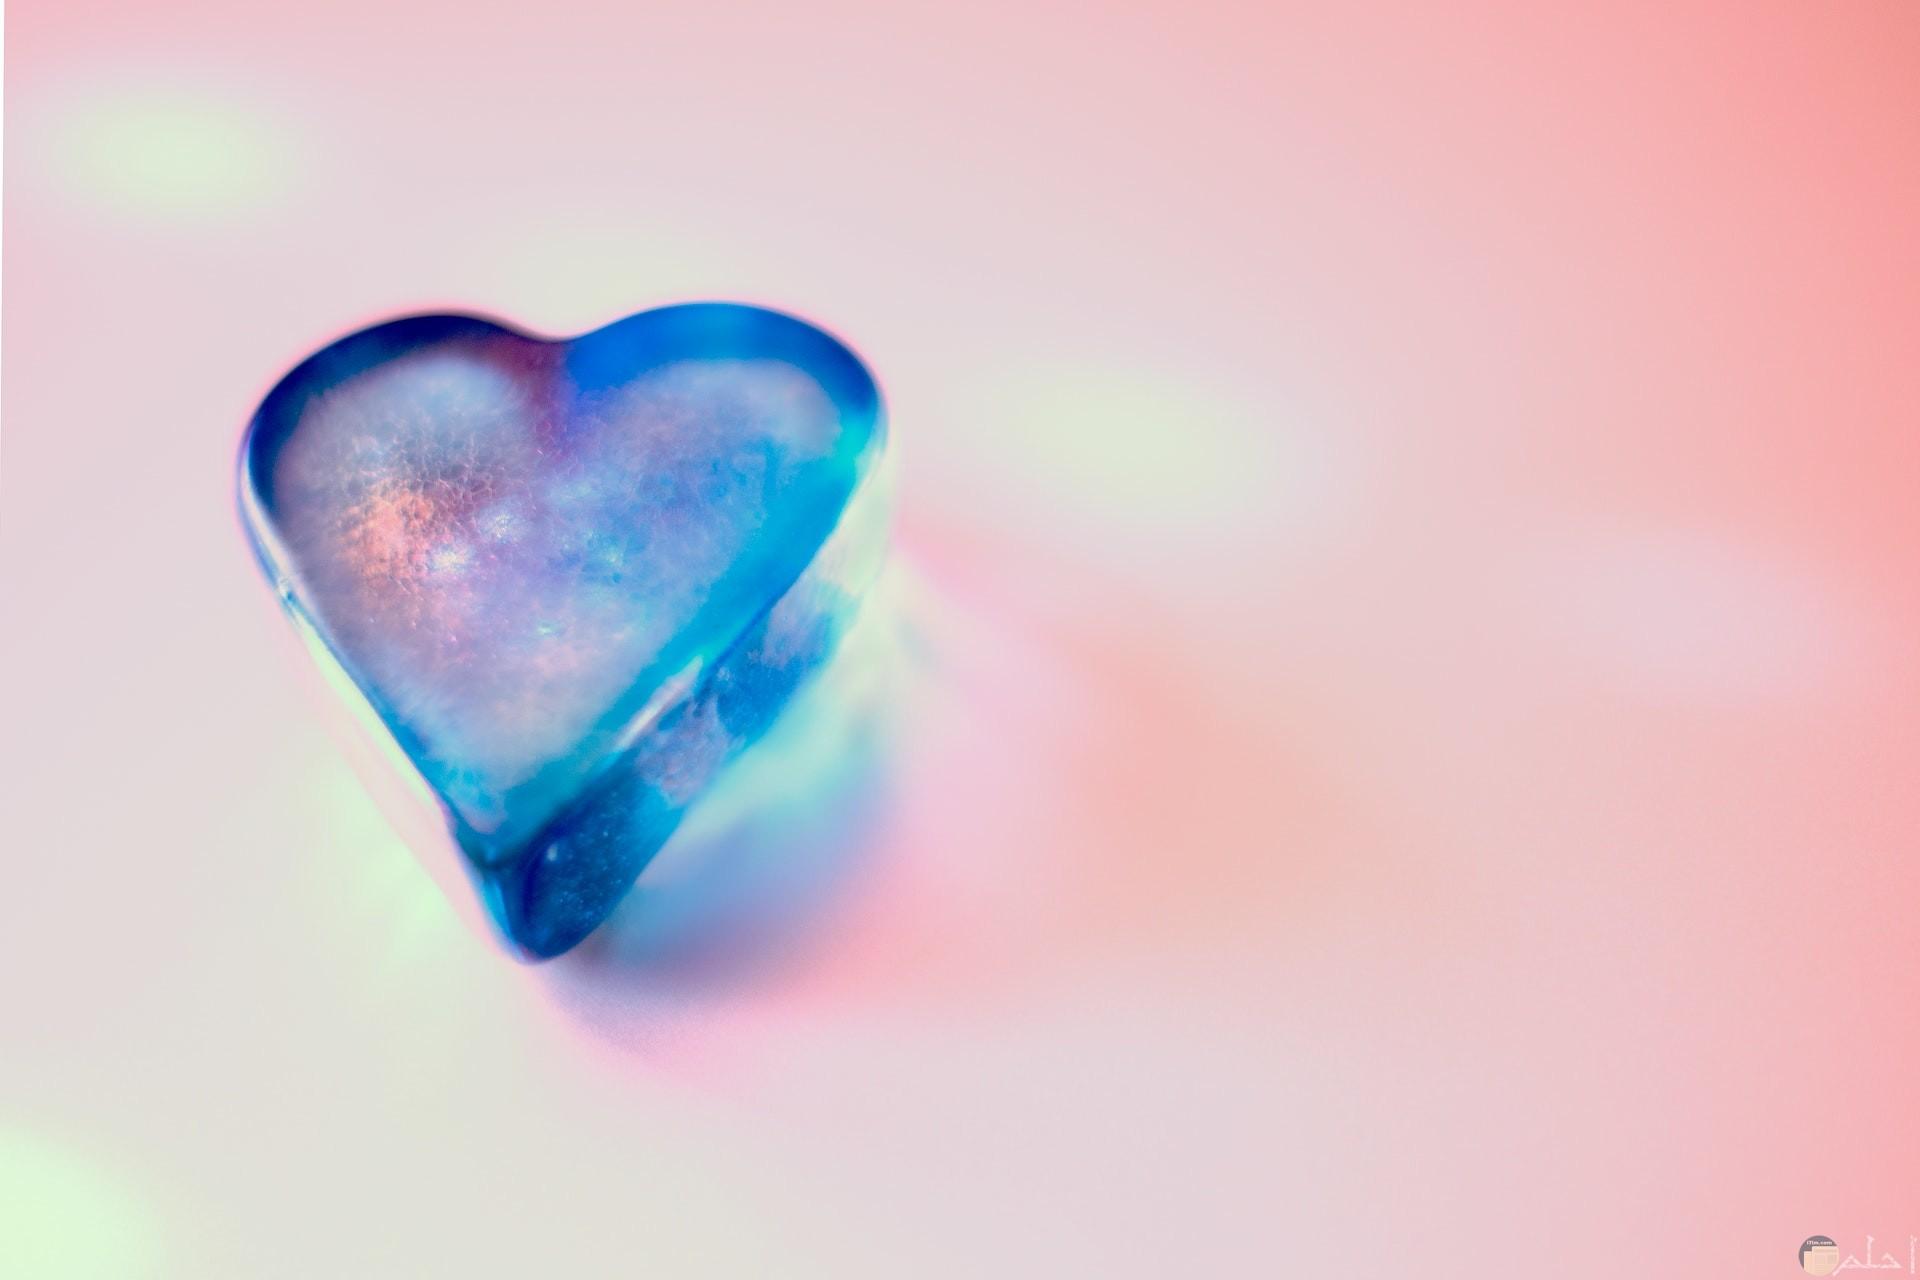 صورة مميزة جدا لقلب أزرق جميل مع خلفية وردية حلوة